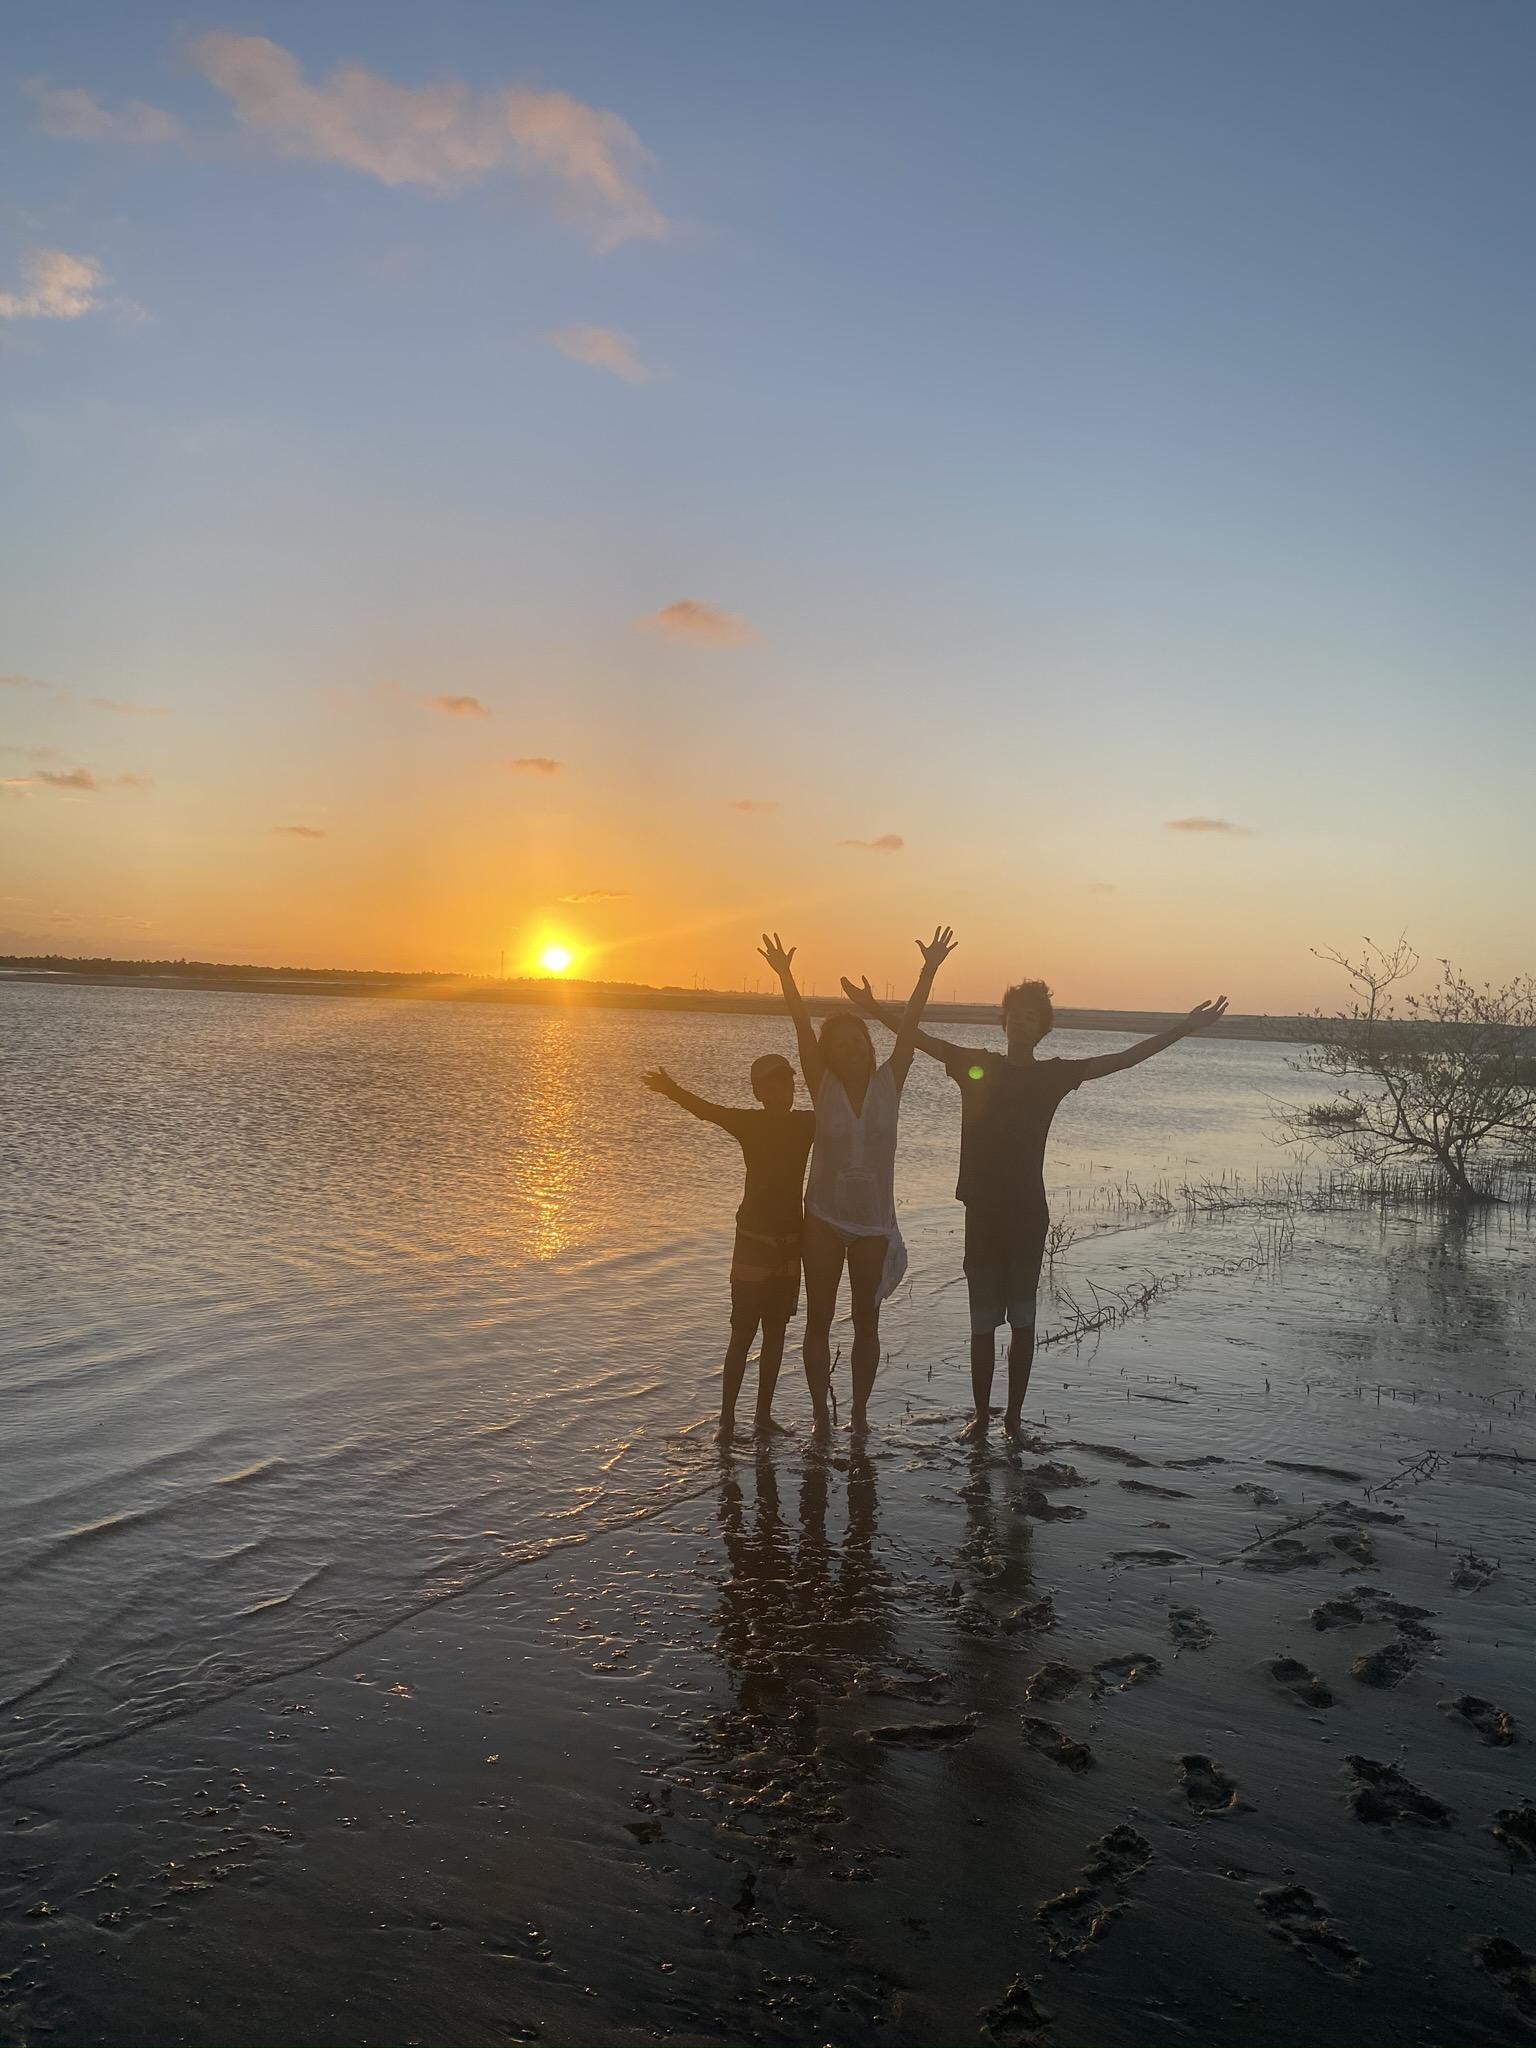 Vamos fazer uma sessão fly & drive pela costa exuberante do Ceará?